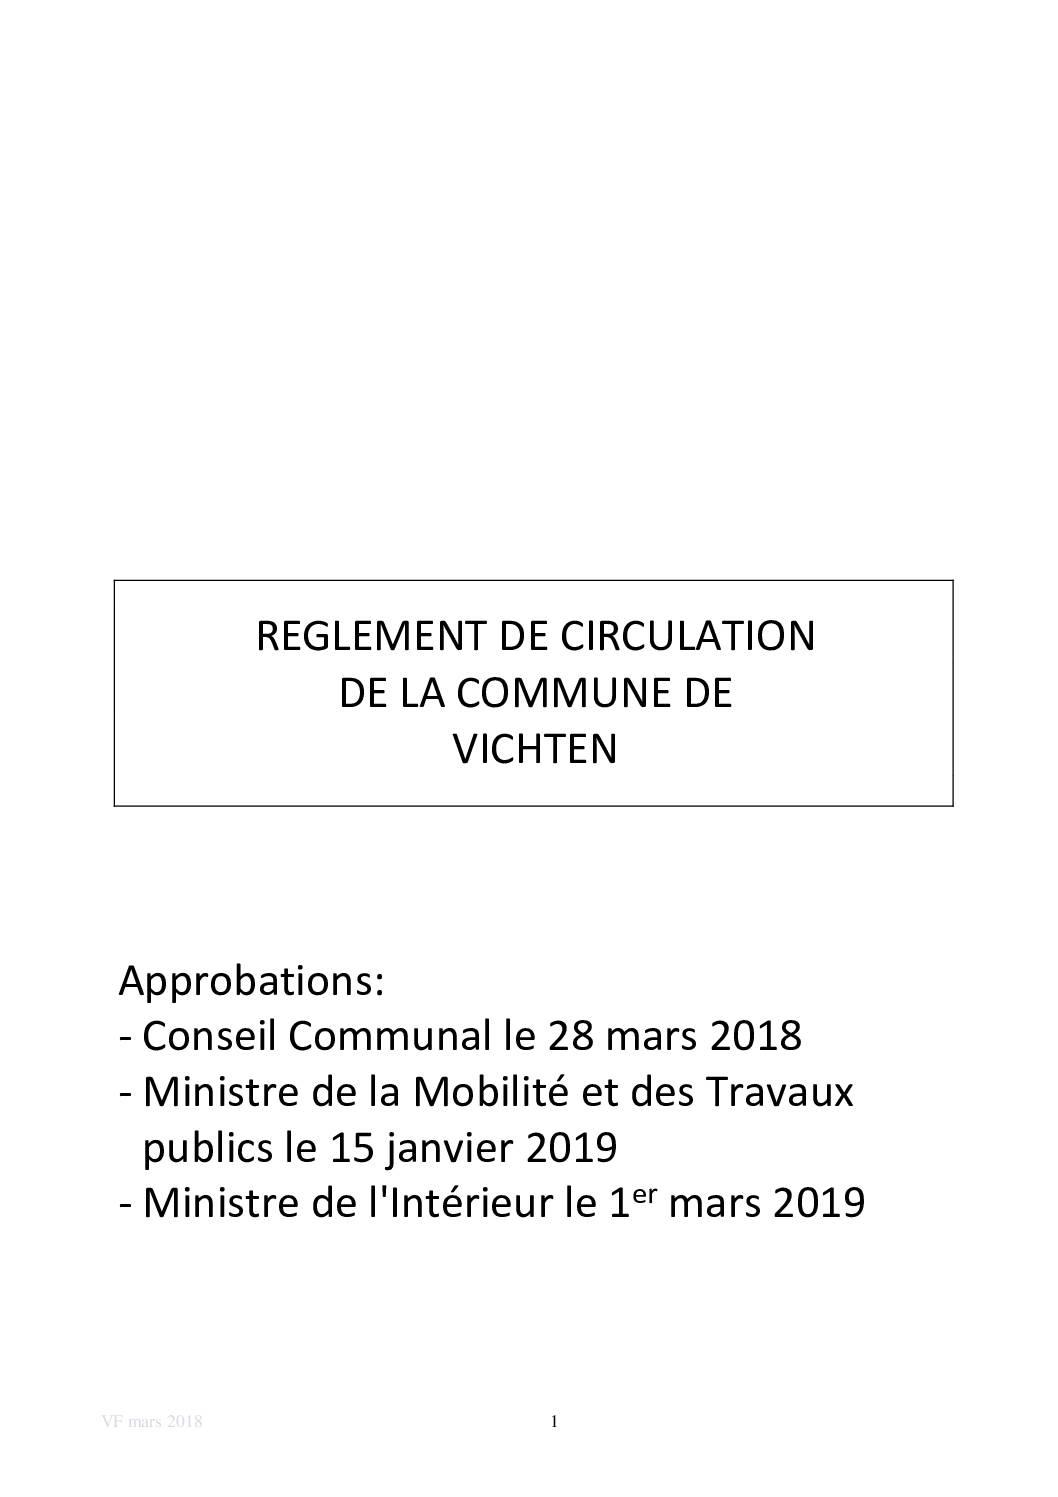 Règlement communal - Règlement de circulation publié